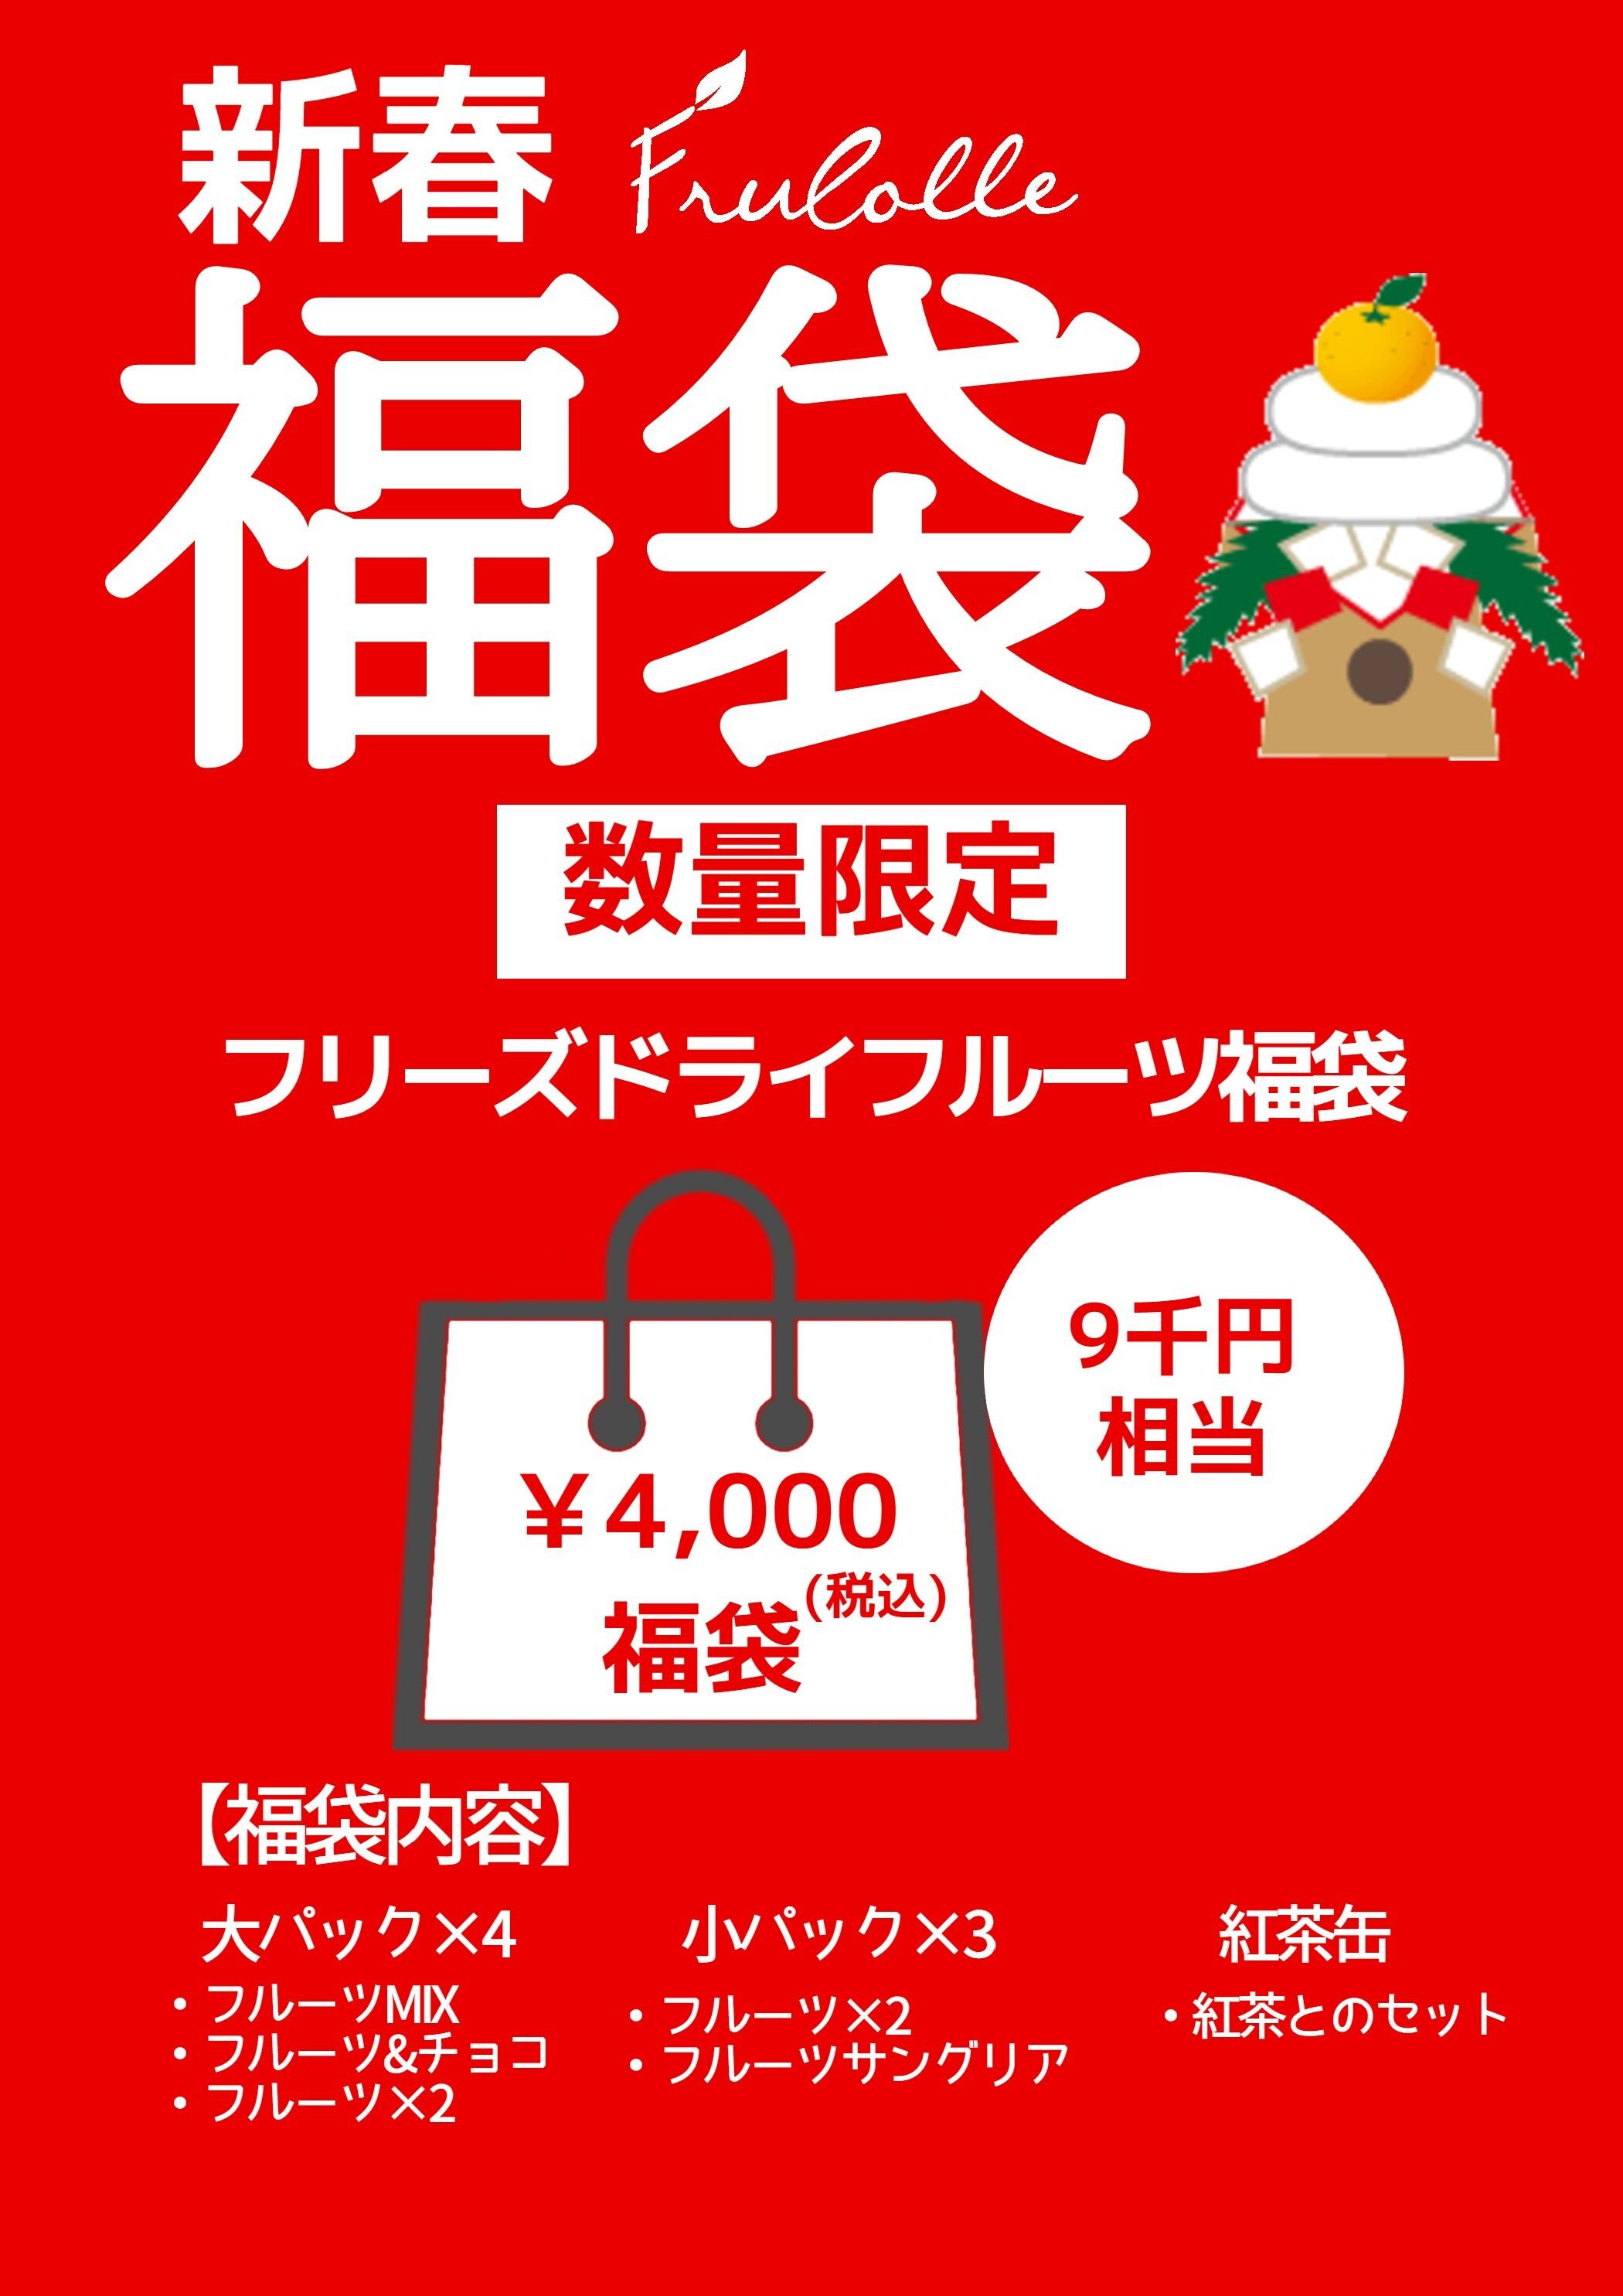 【数量限定】フルコレ フリーズドライ福袋 4,000円